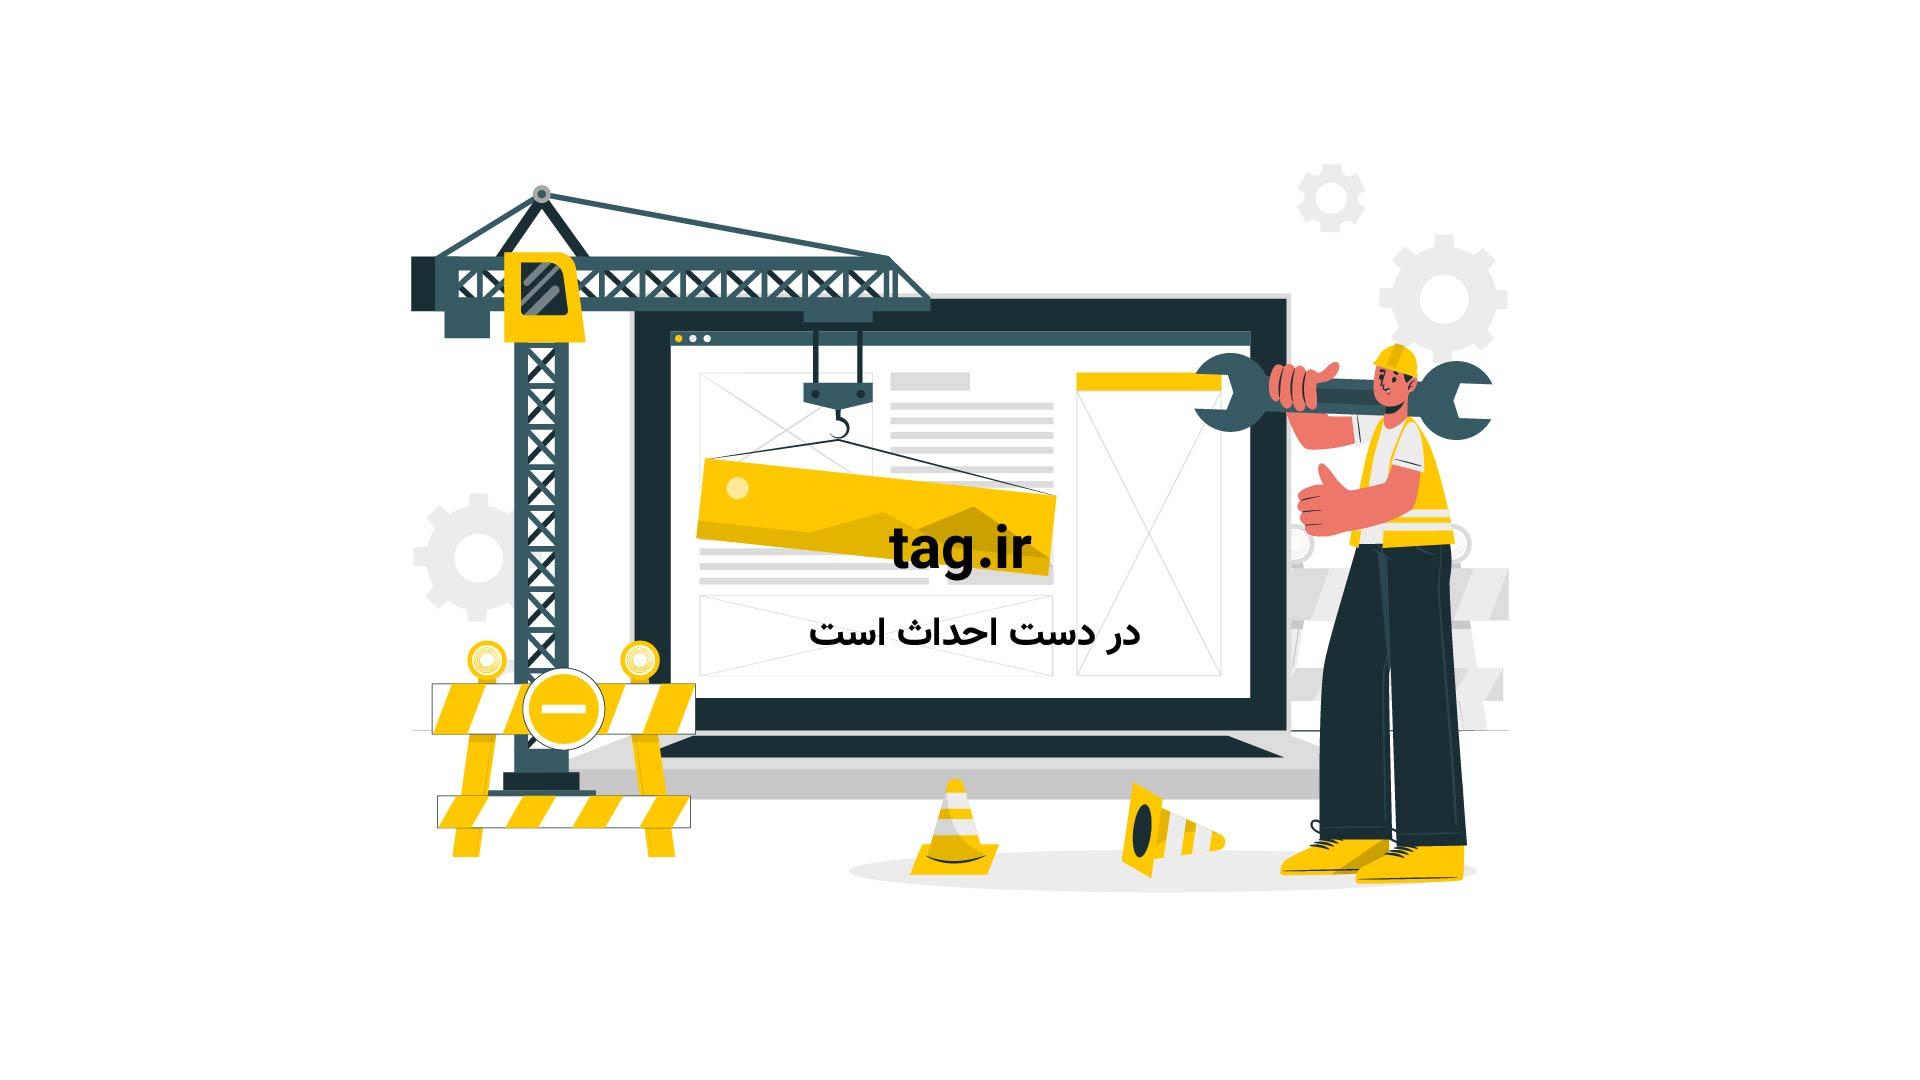 ماشین خط کشی جاده و خیابان   فیلم